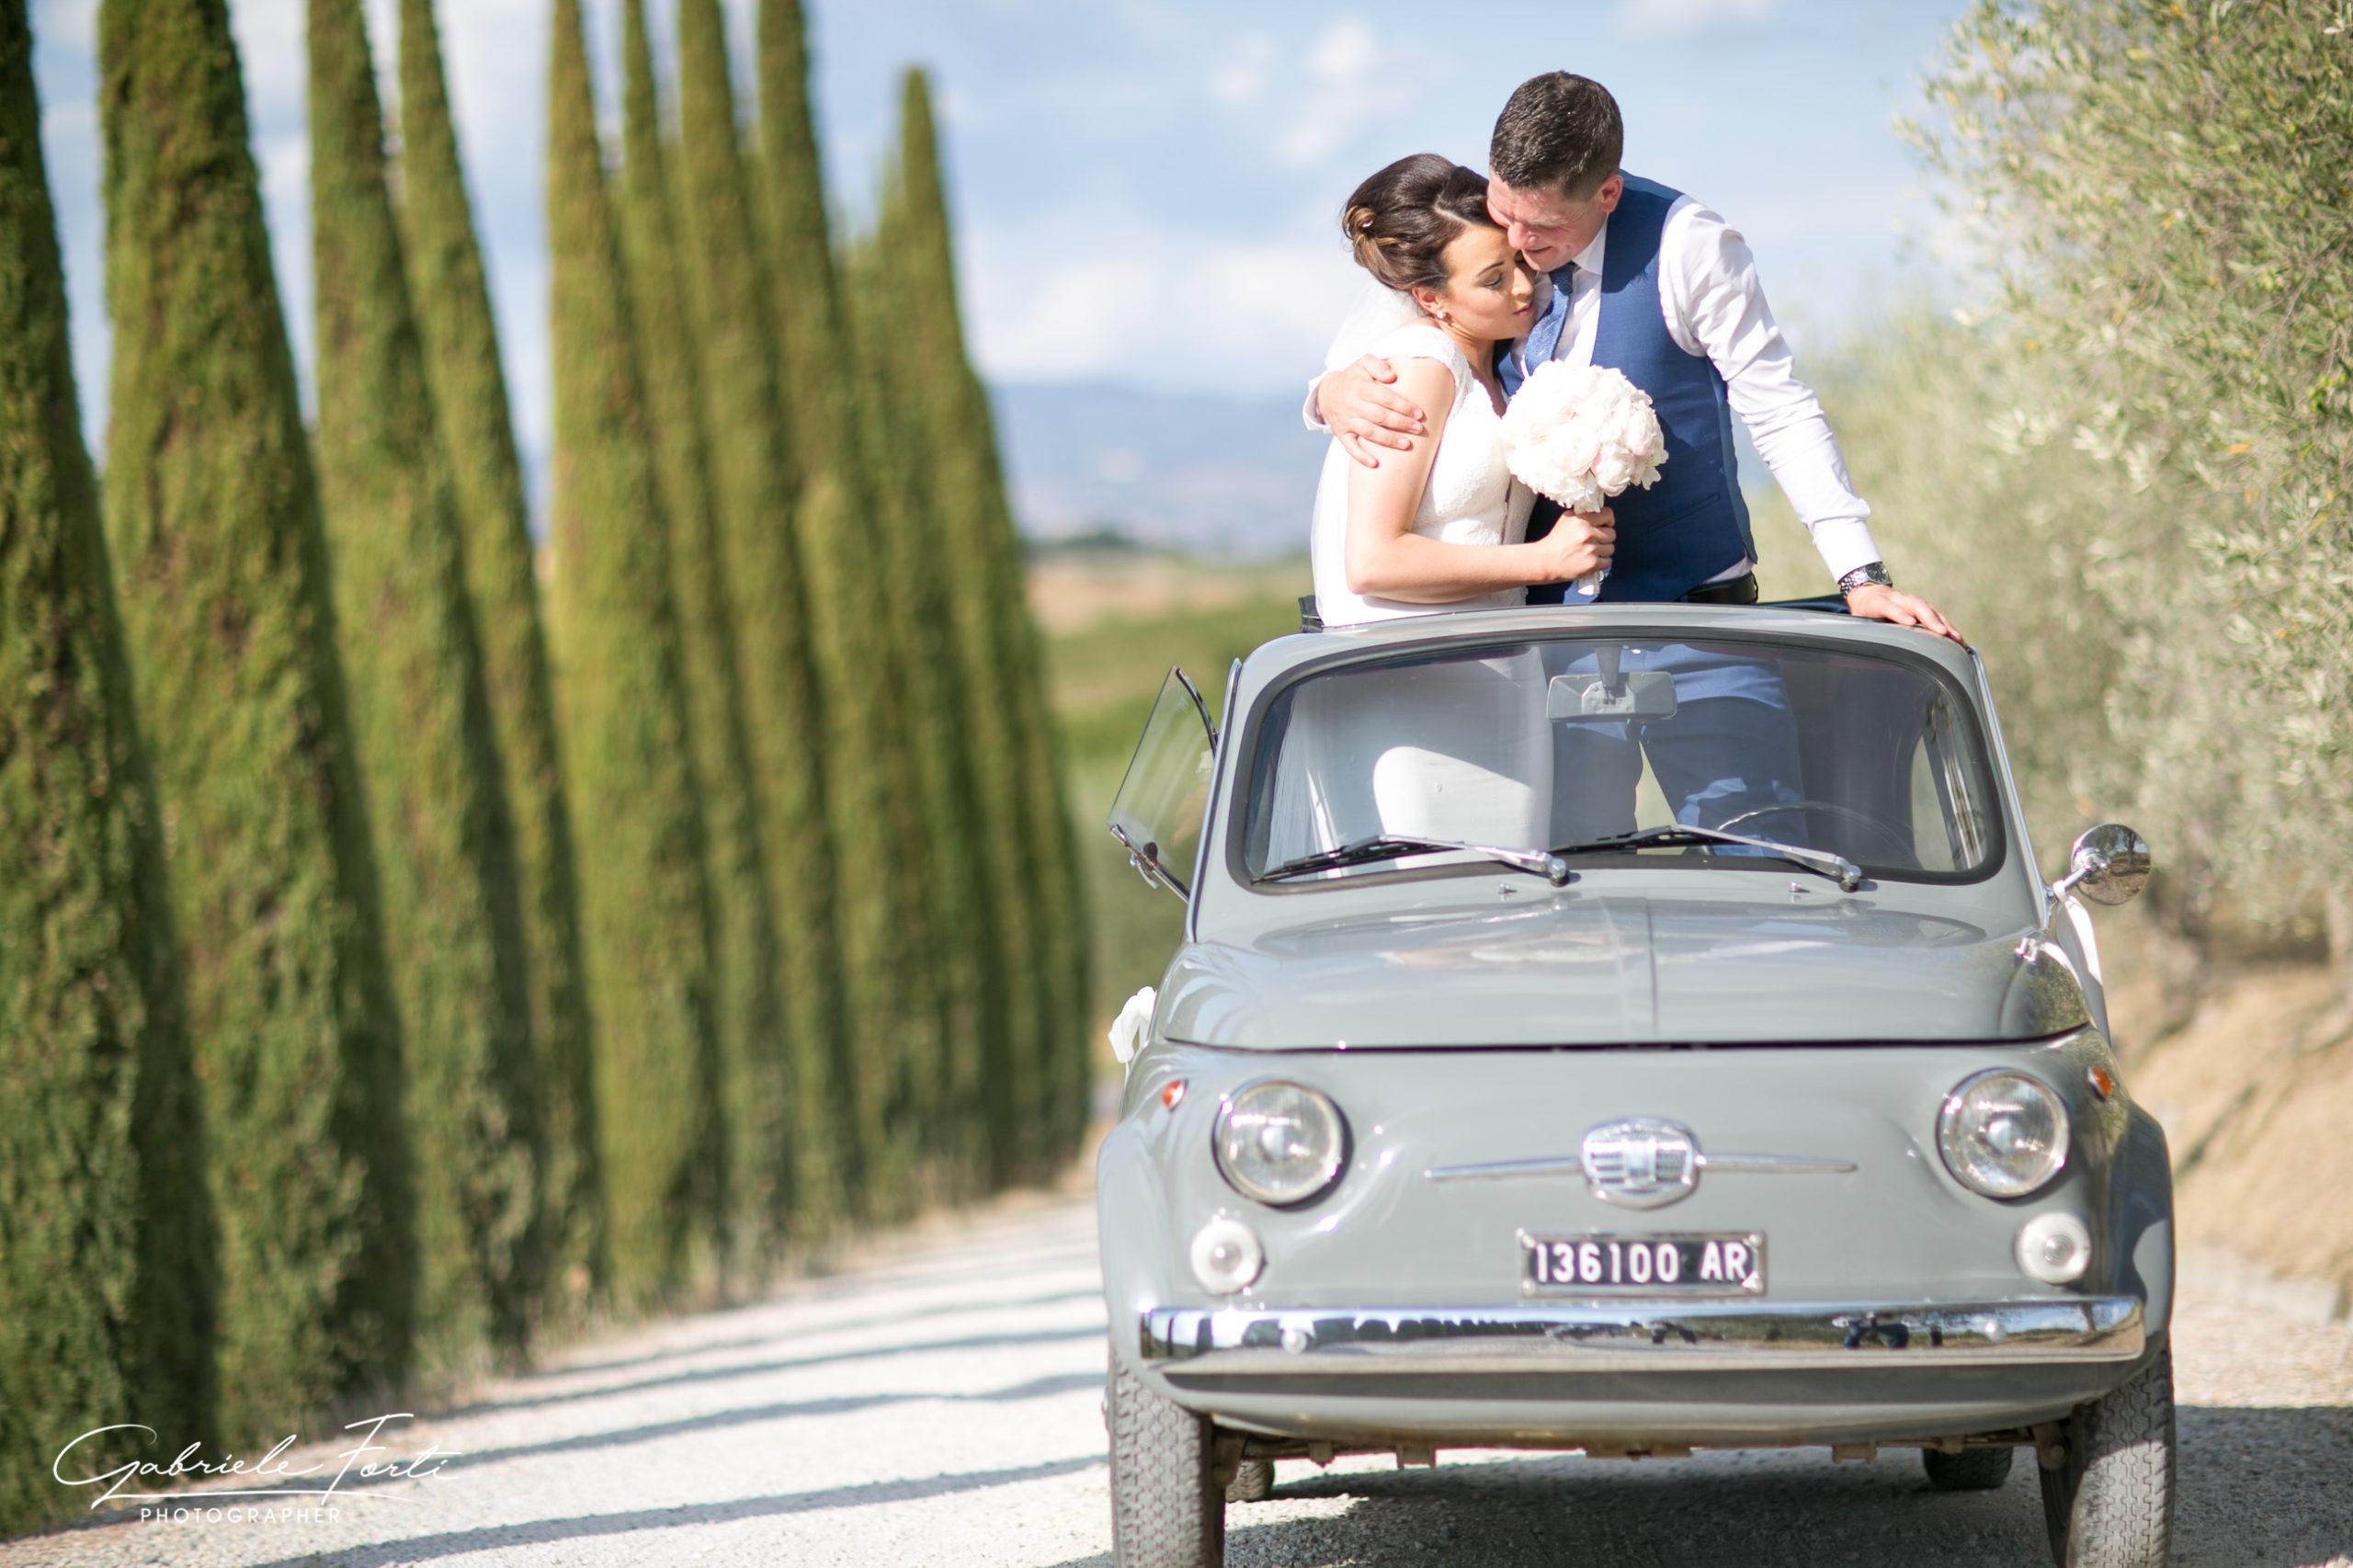 cipressi-vigna-borgo-tre-rose-reportage-photographer-montepulciano-san-biagio-foto-fotografo-forti-11